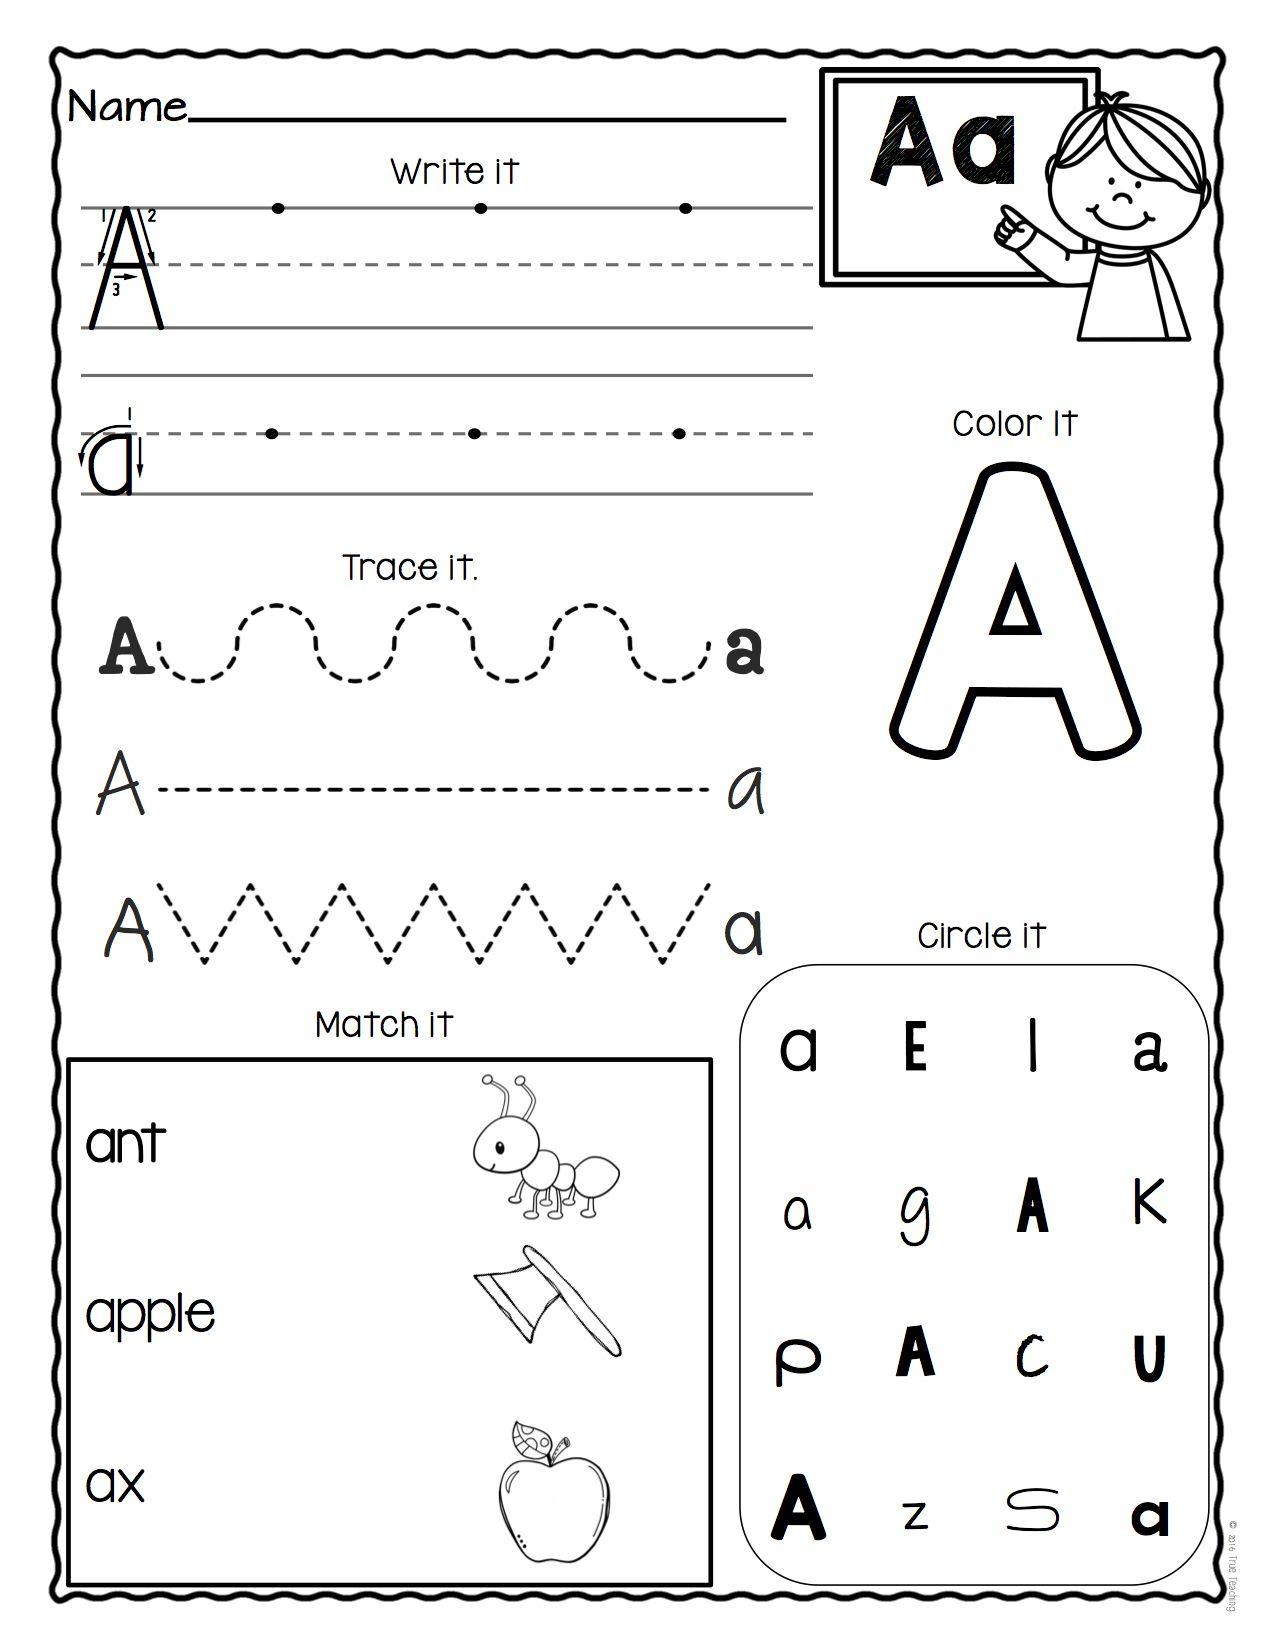 A-Z Letter Worksheets (Set 3)   Letter Worksheets For for Letter A Worksheets For Pre K